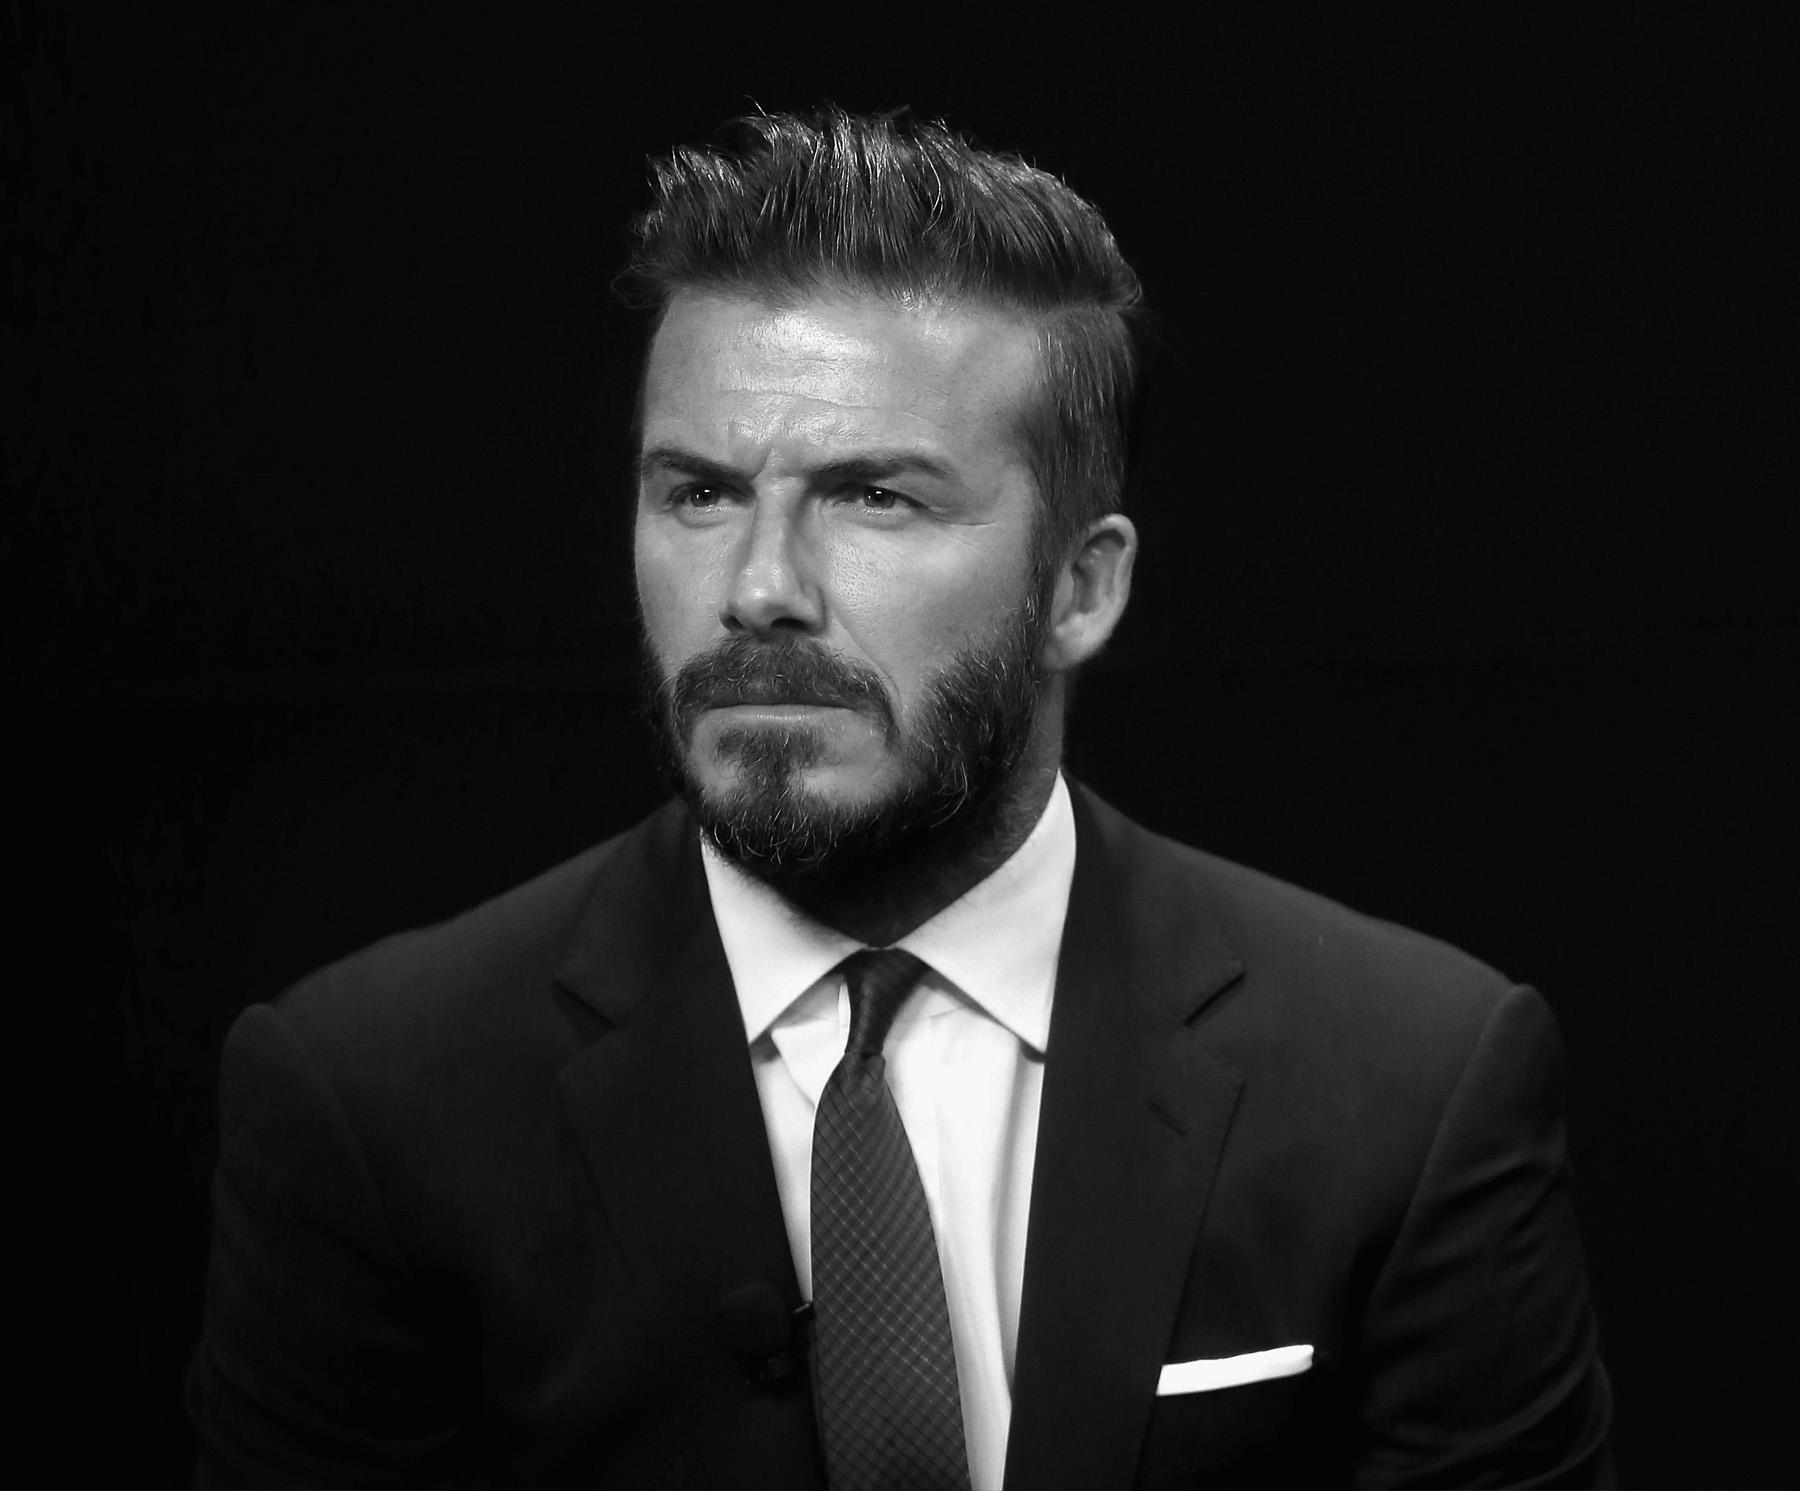 David Beckham At 40, A Digital Art Gallery